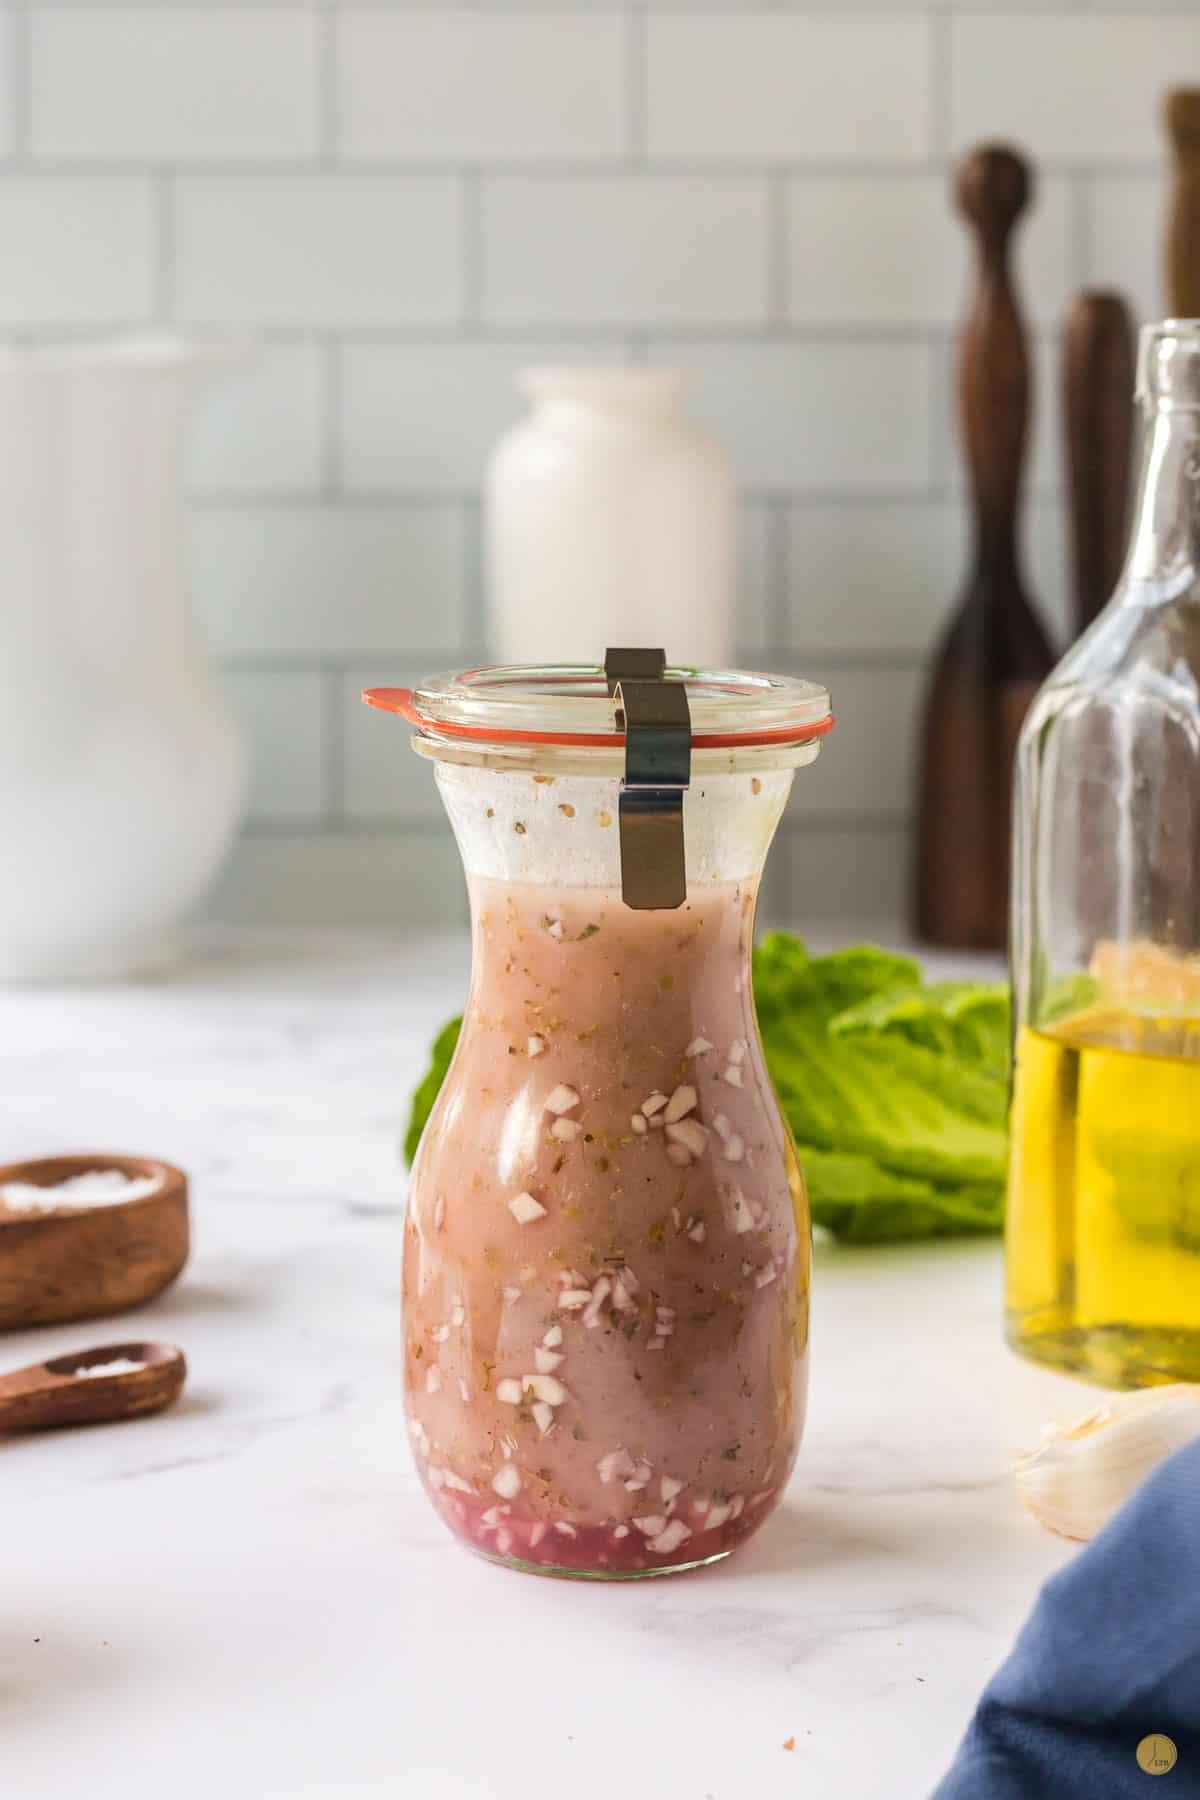 greek salad dressing in a bottle